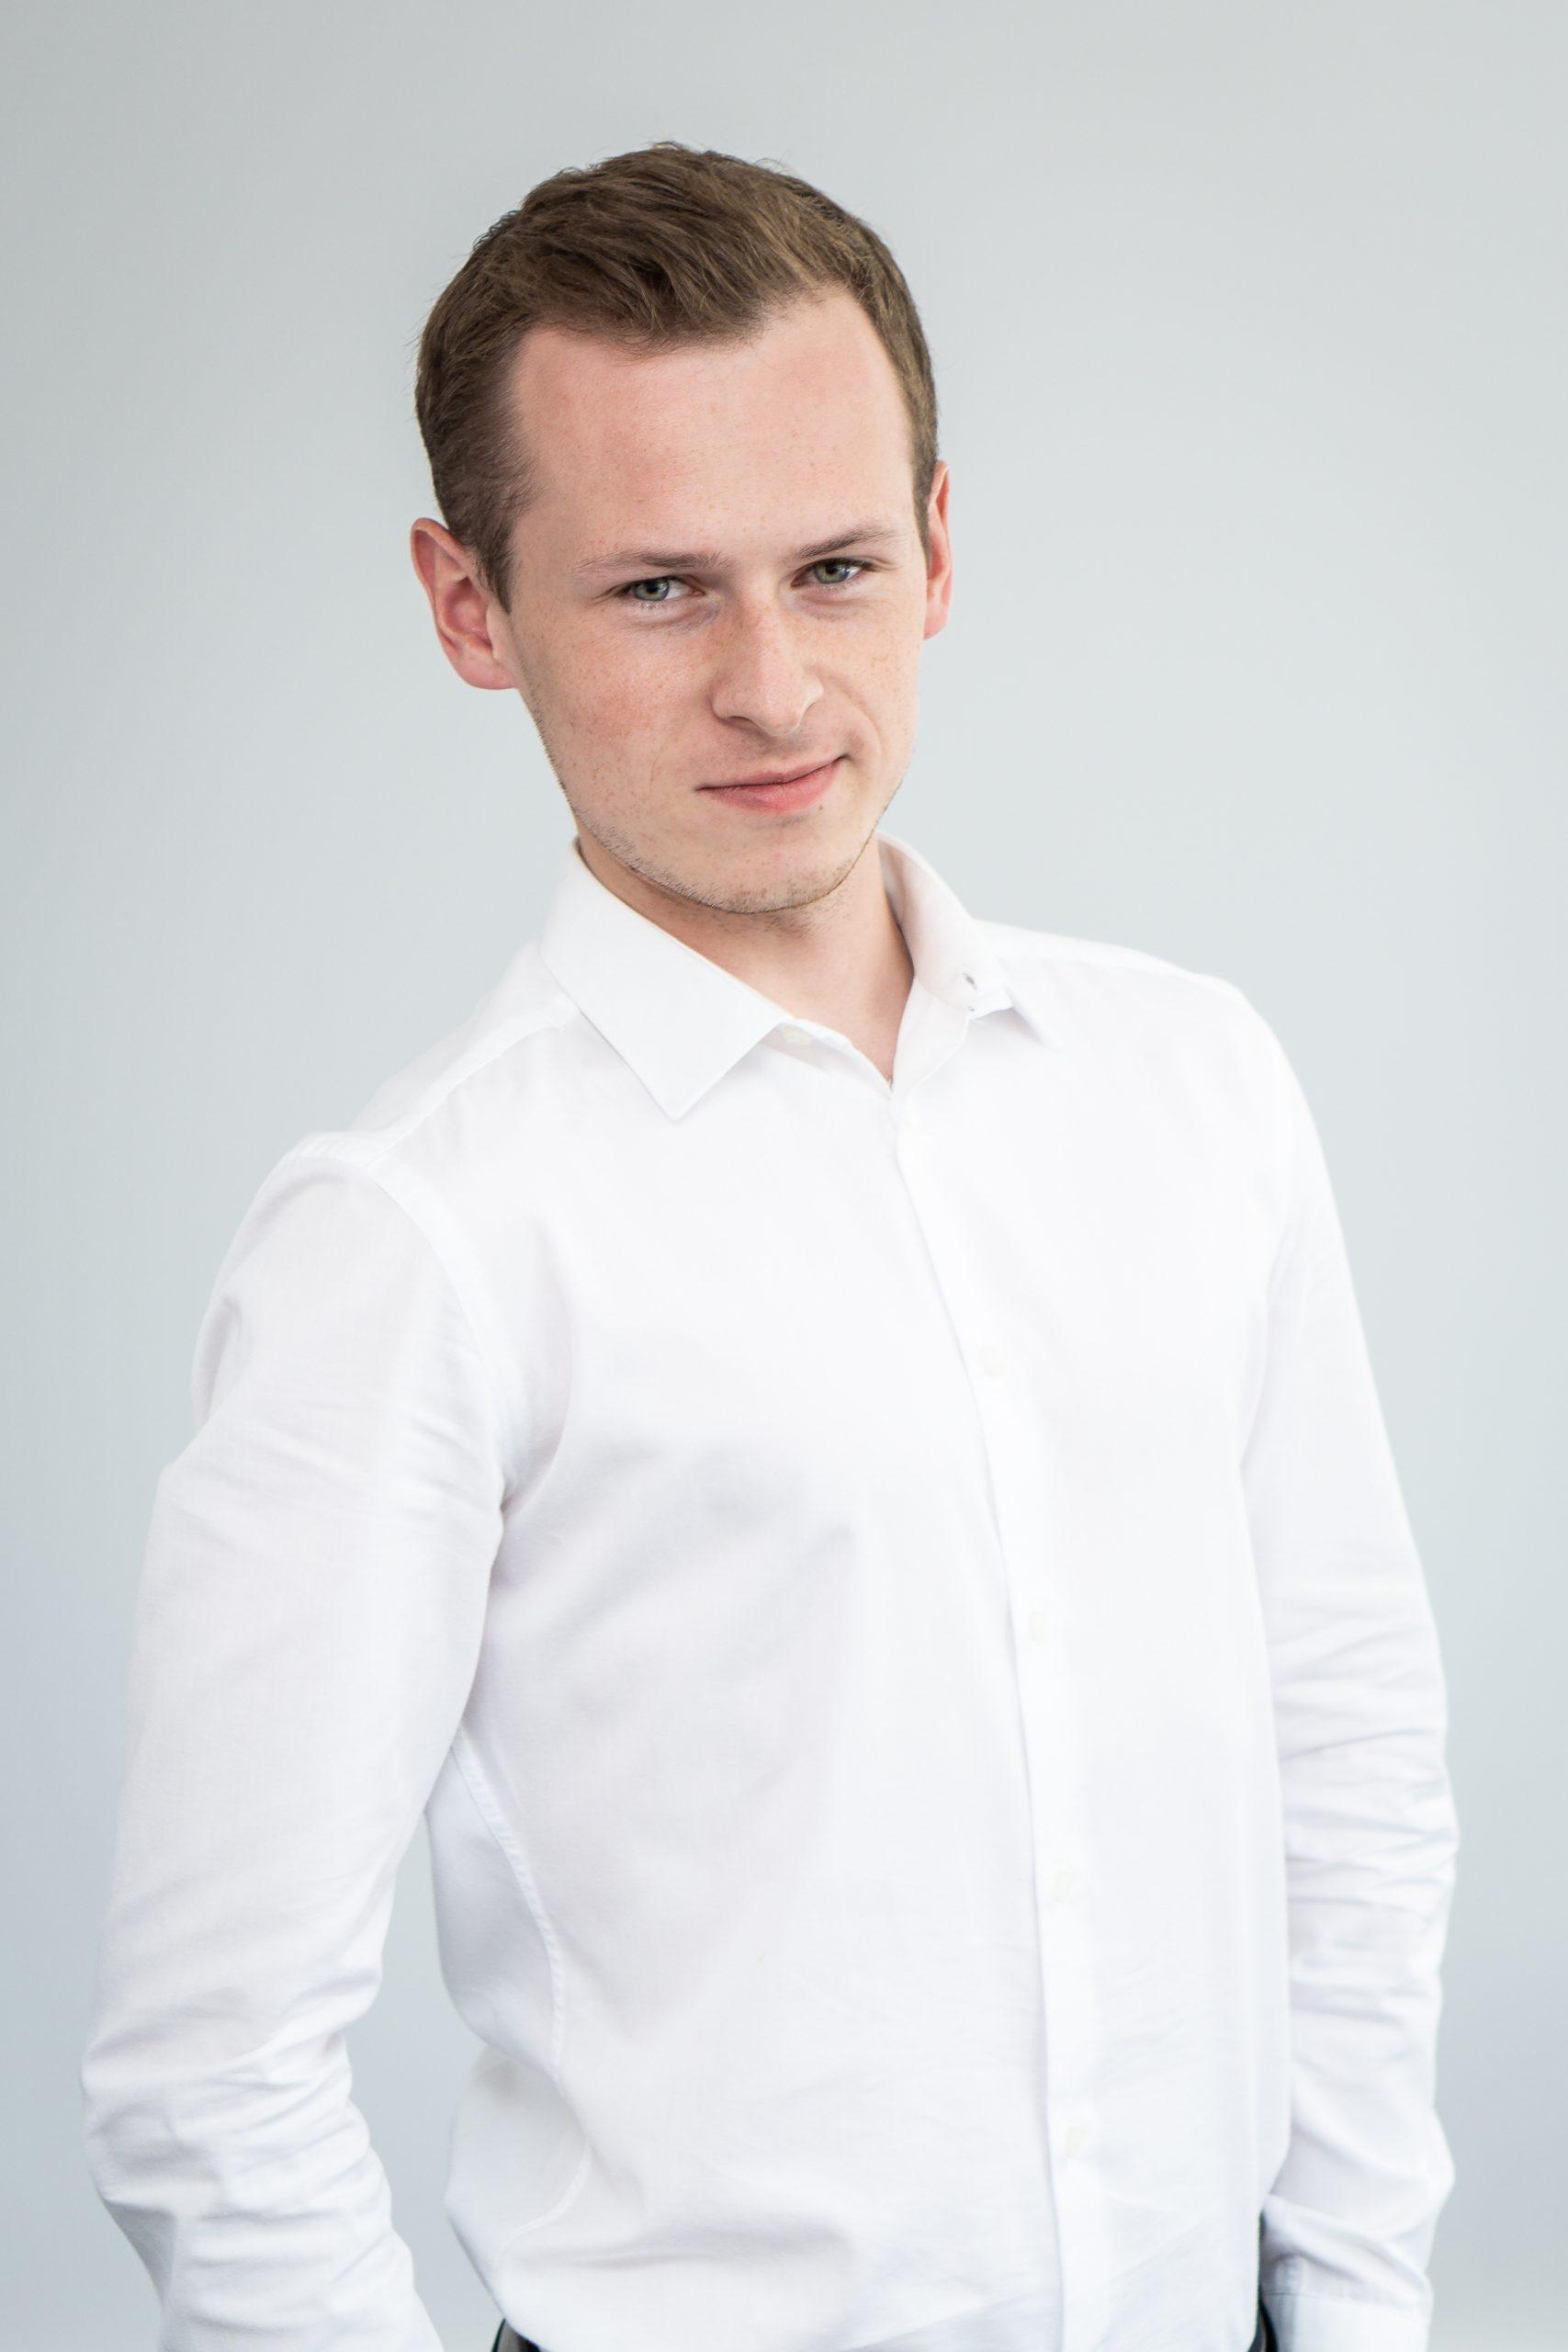 Grzegorz Kozłowski Fotografia - zdjęcie profilowe kozlowskigrzegorz.pl